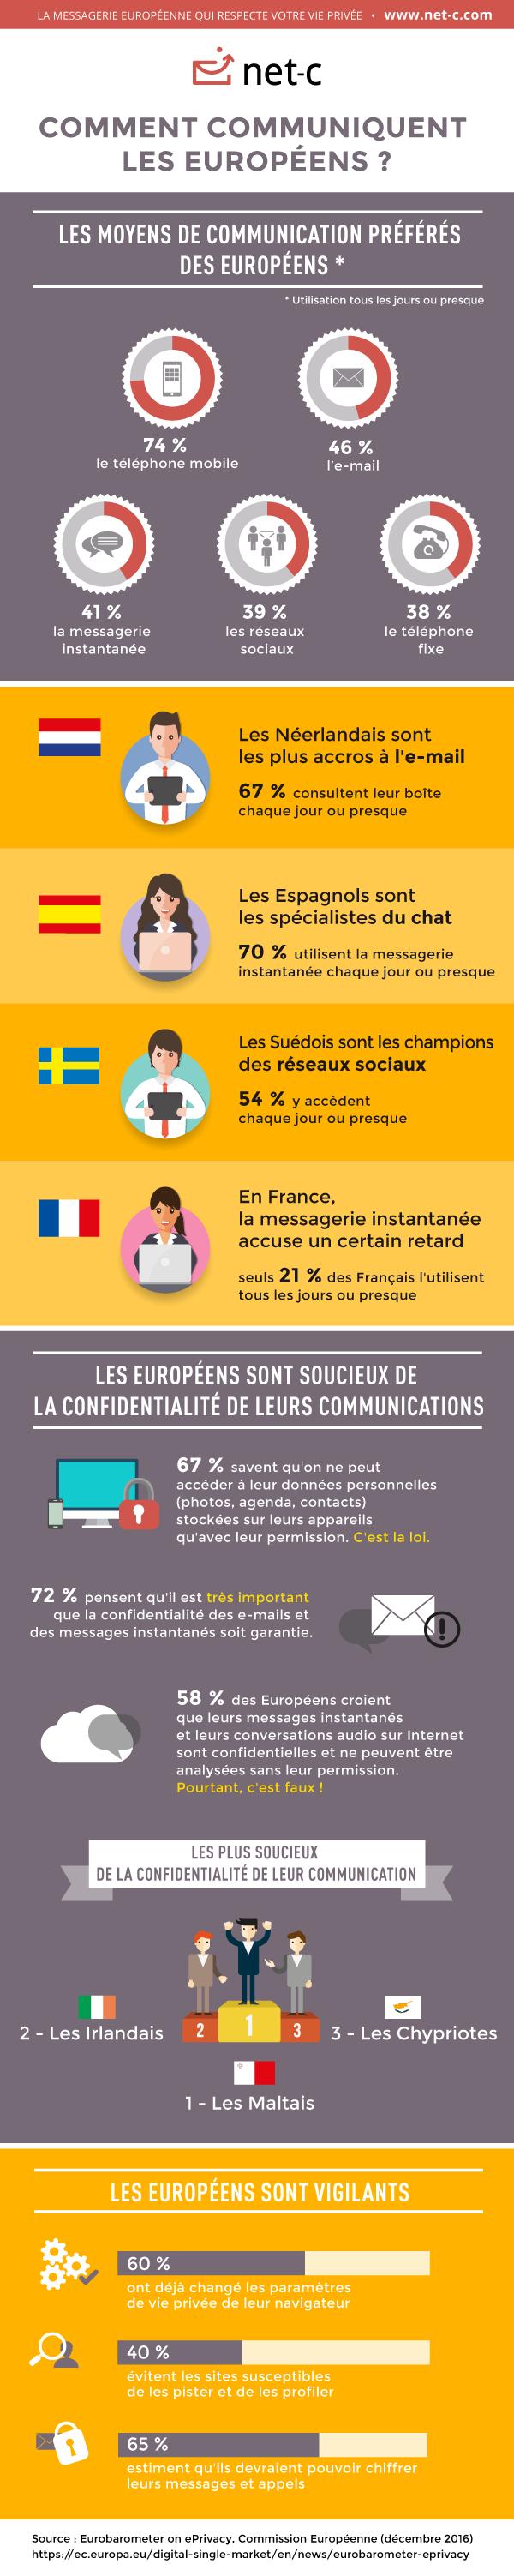 Comment communiquent les Européens